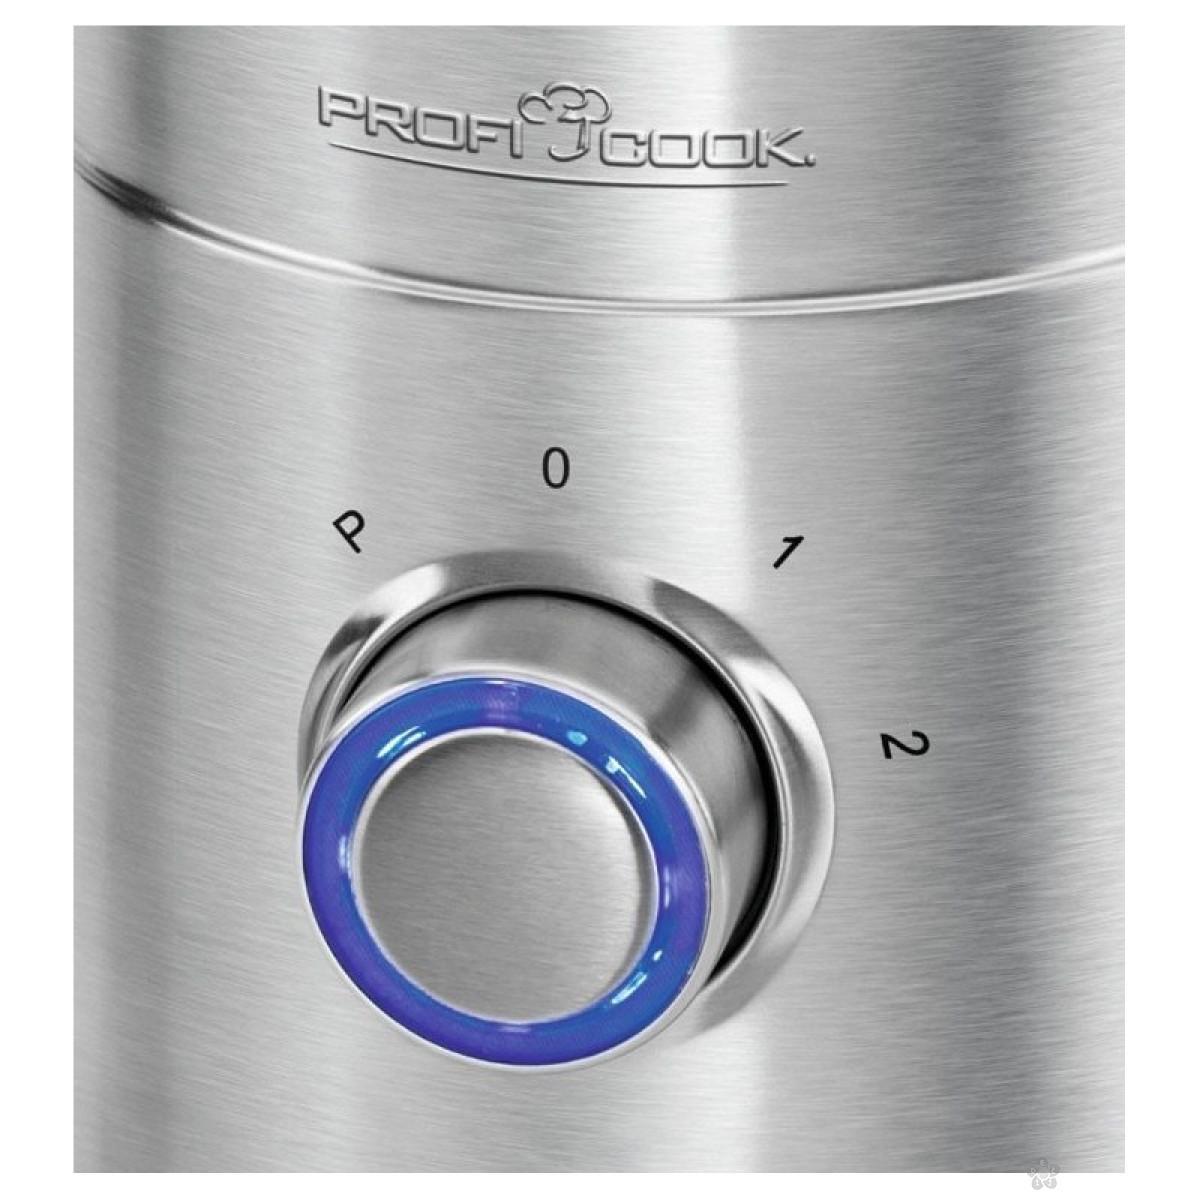 Blender PC-UM 1086 1250w max